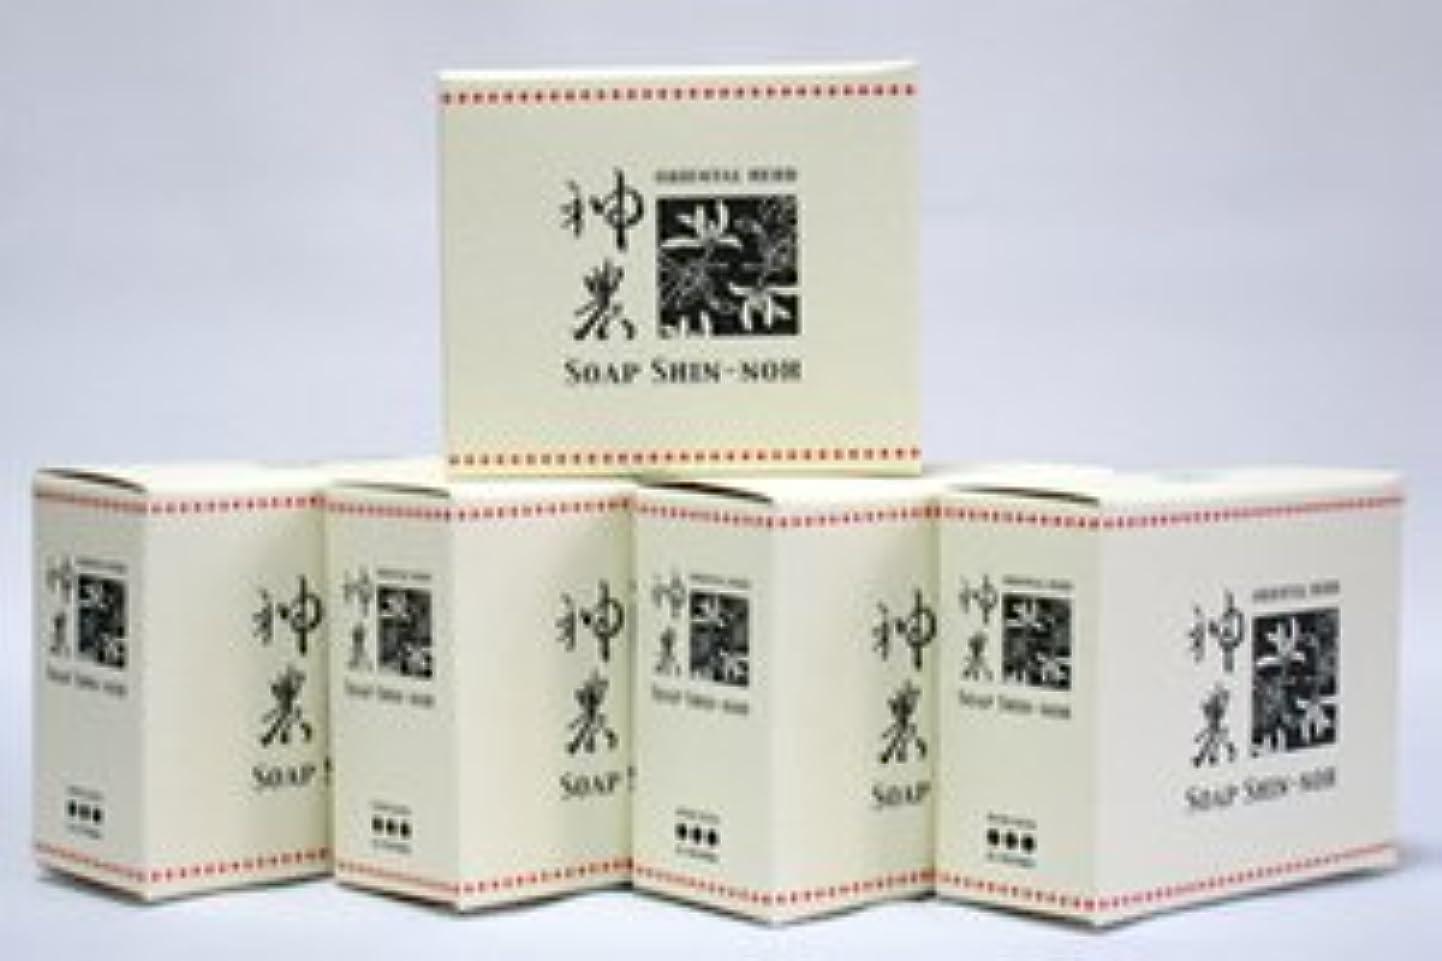 換気する対応する特権的ハーブ神農ソープ(100g)5個セット